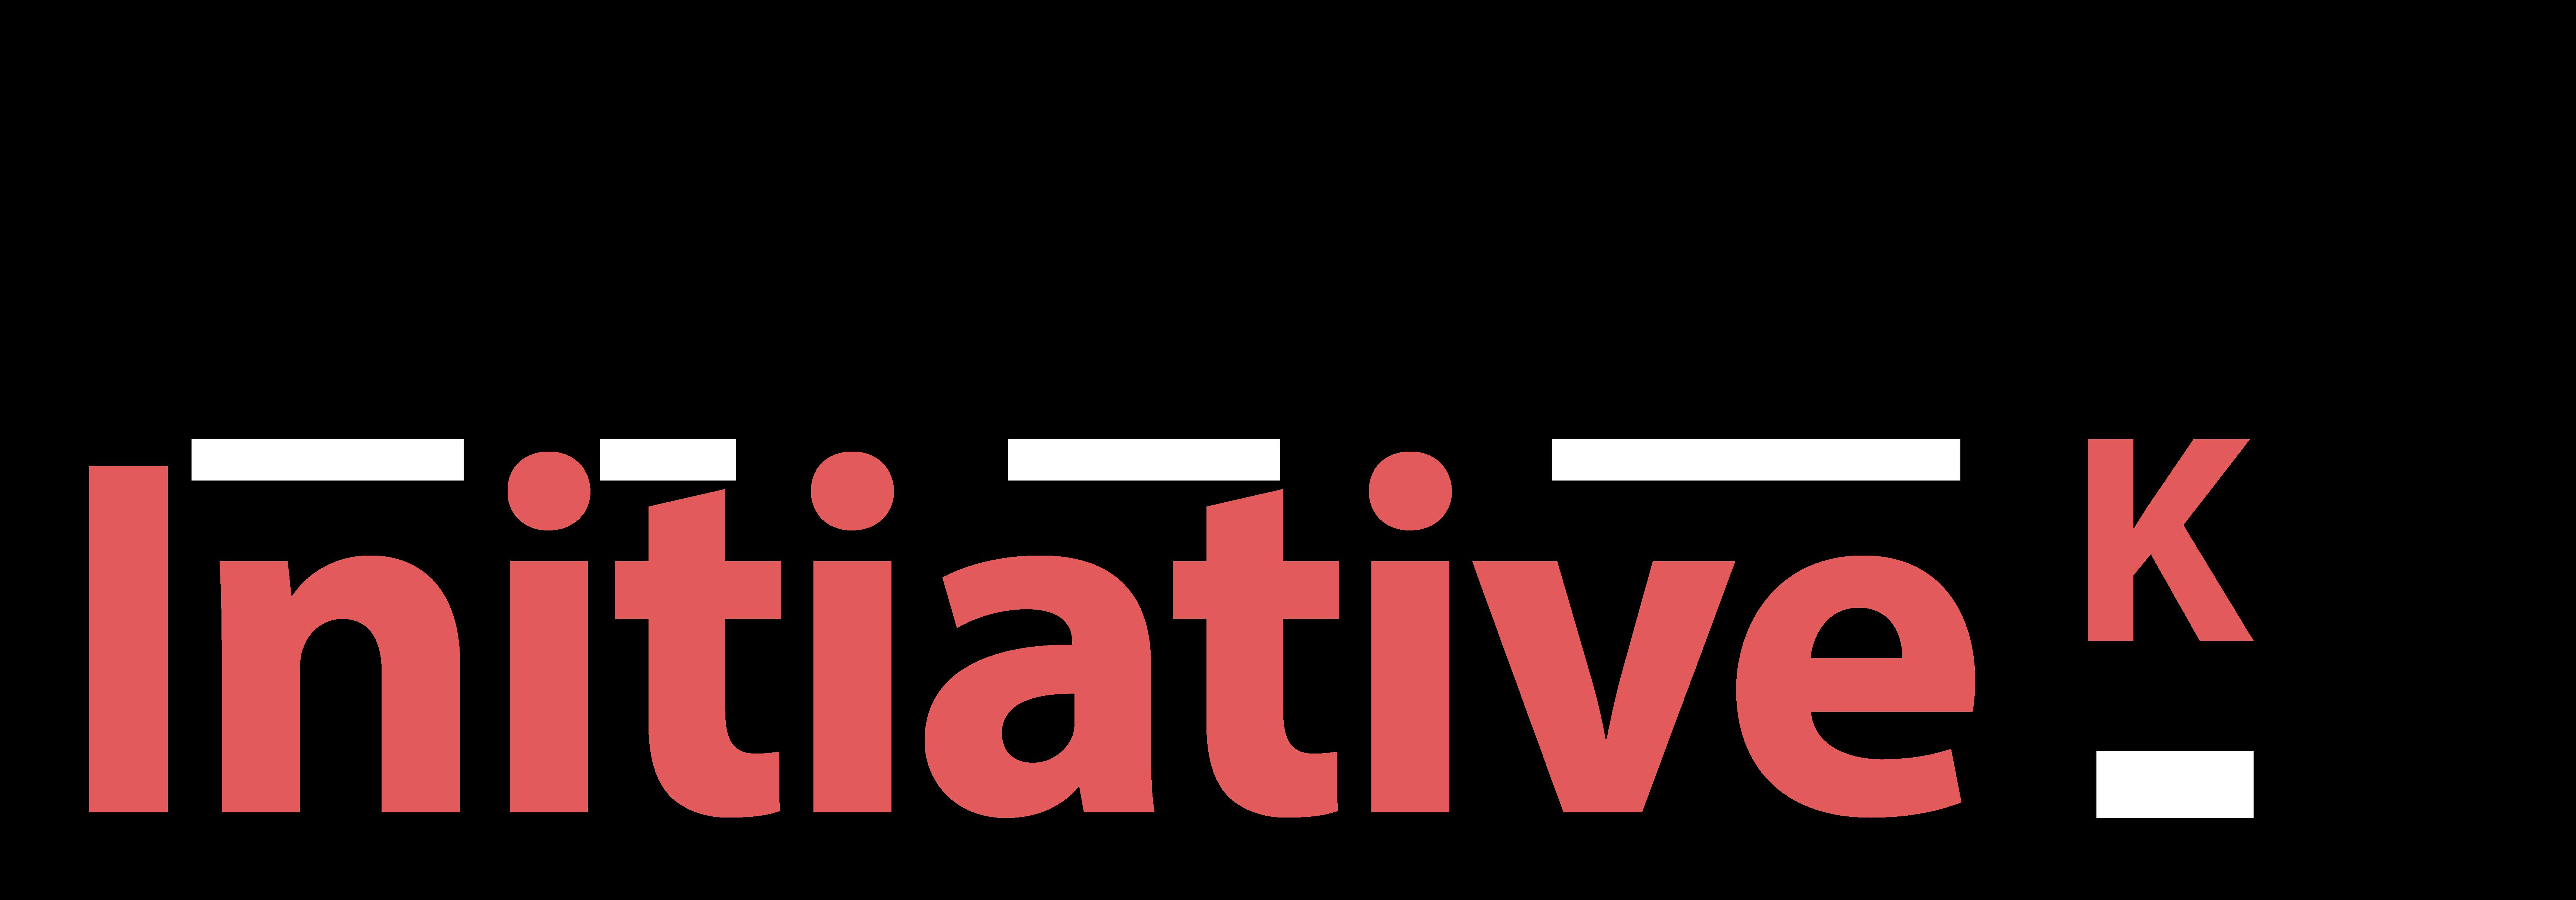 initiative-k.org